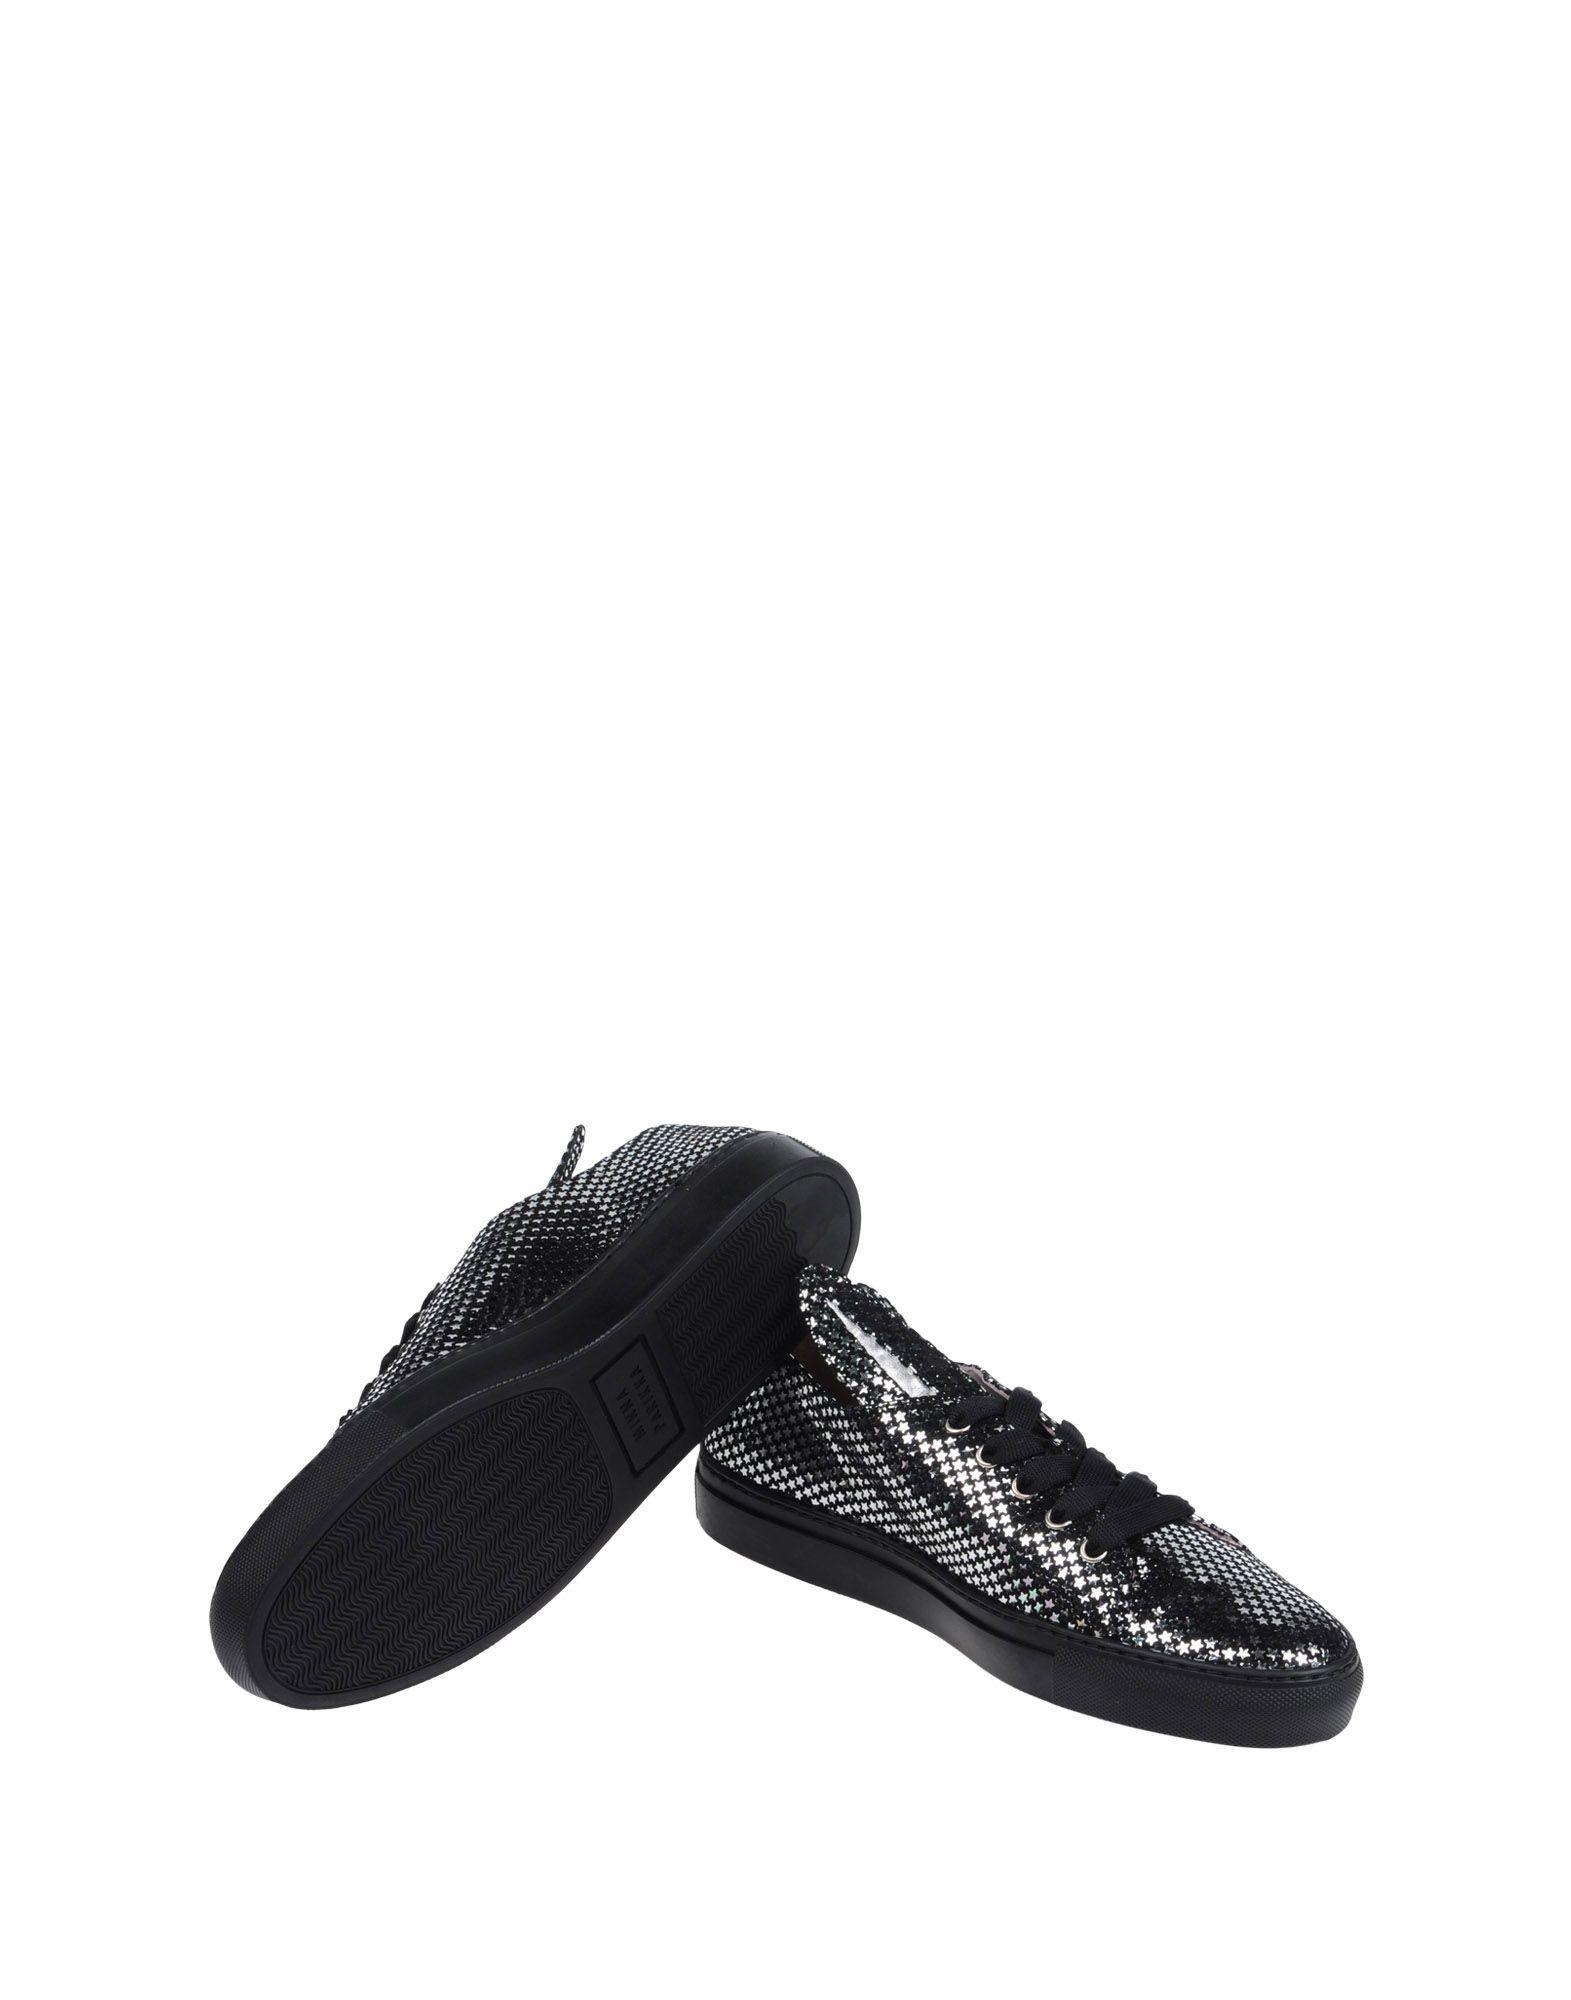 Sneakers Minna Parikka All Ears Low Top Sneakers With Bunny Ears - Femme - Sneakers Minna Parikka sur